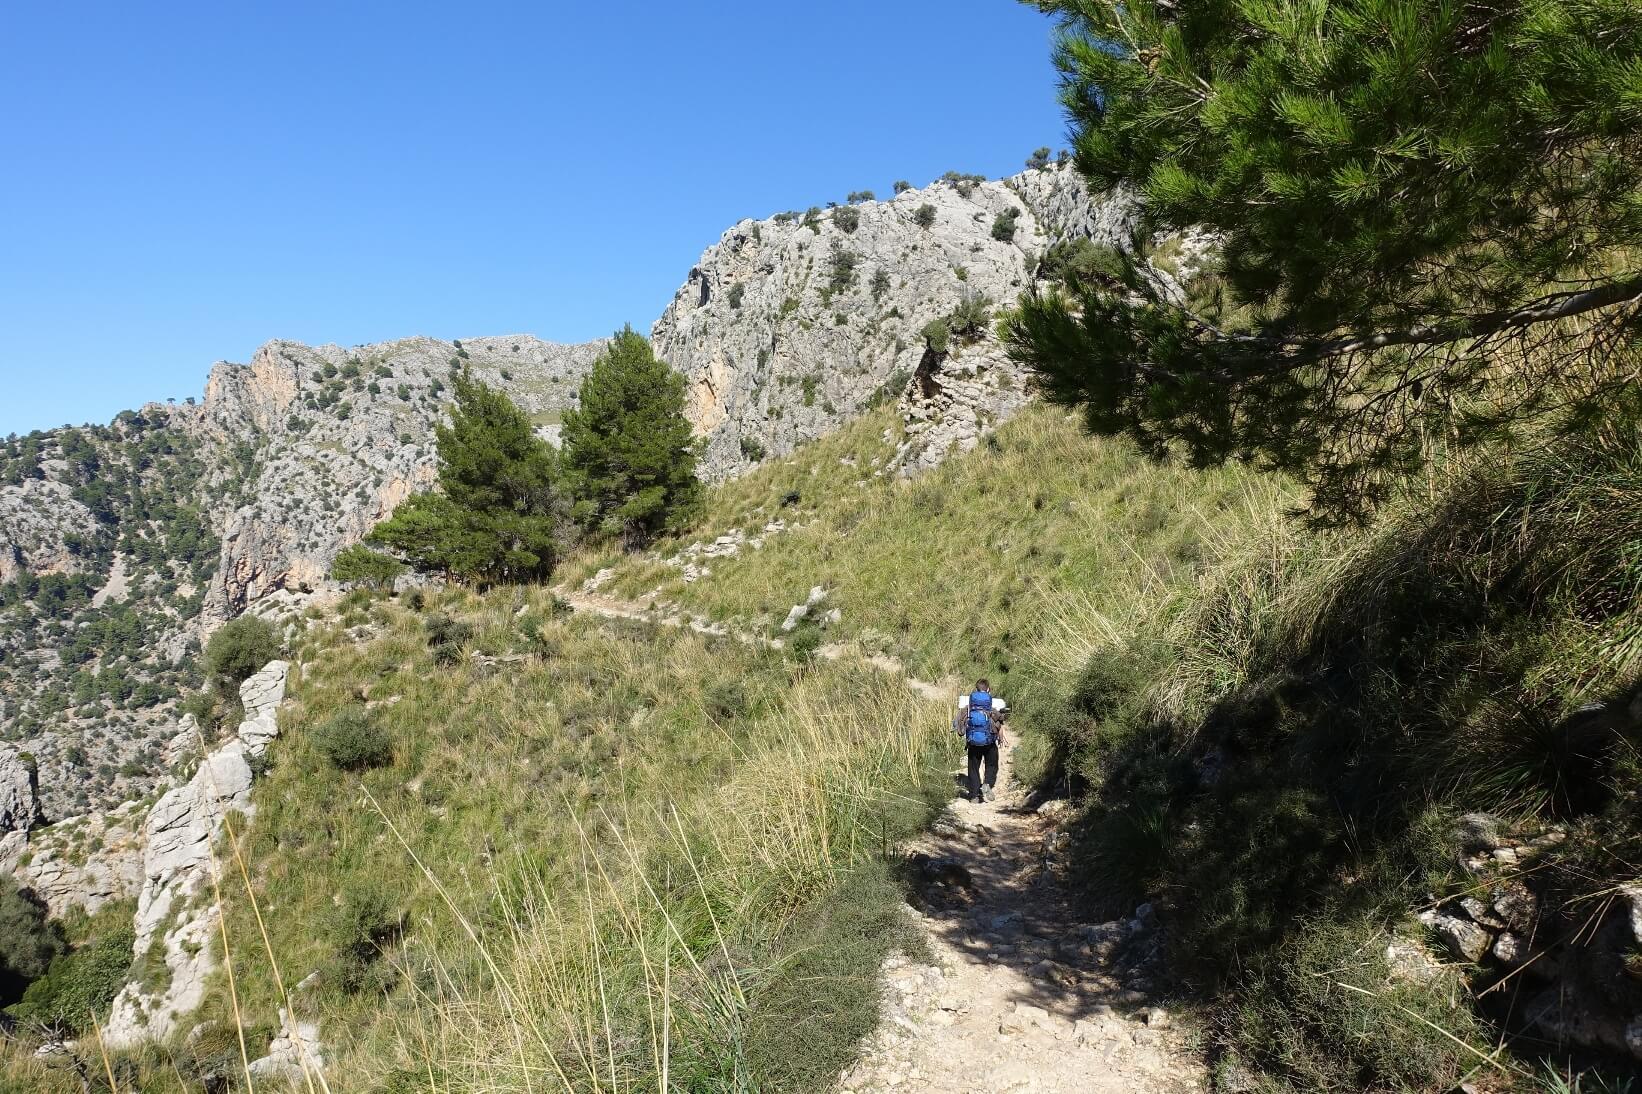 Auf dem GR221 durchs Tramuntana Gebirge auf Mallorca